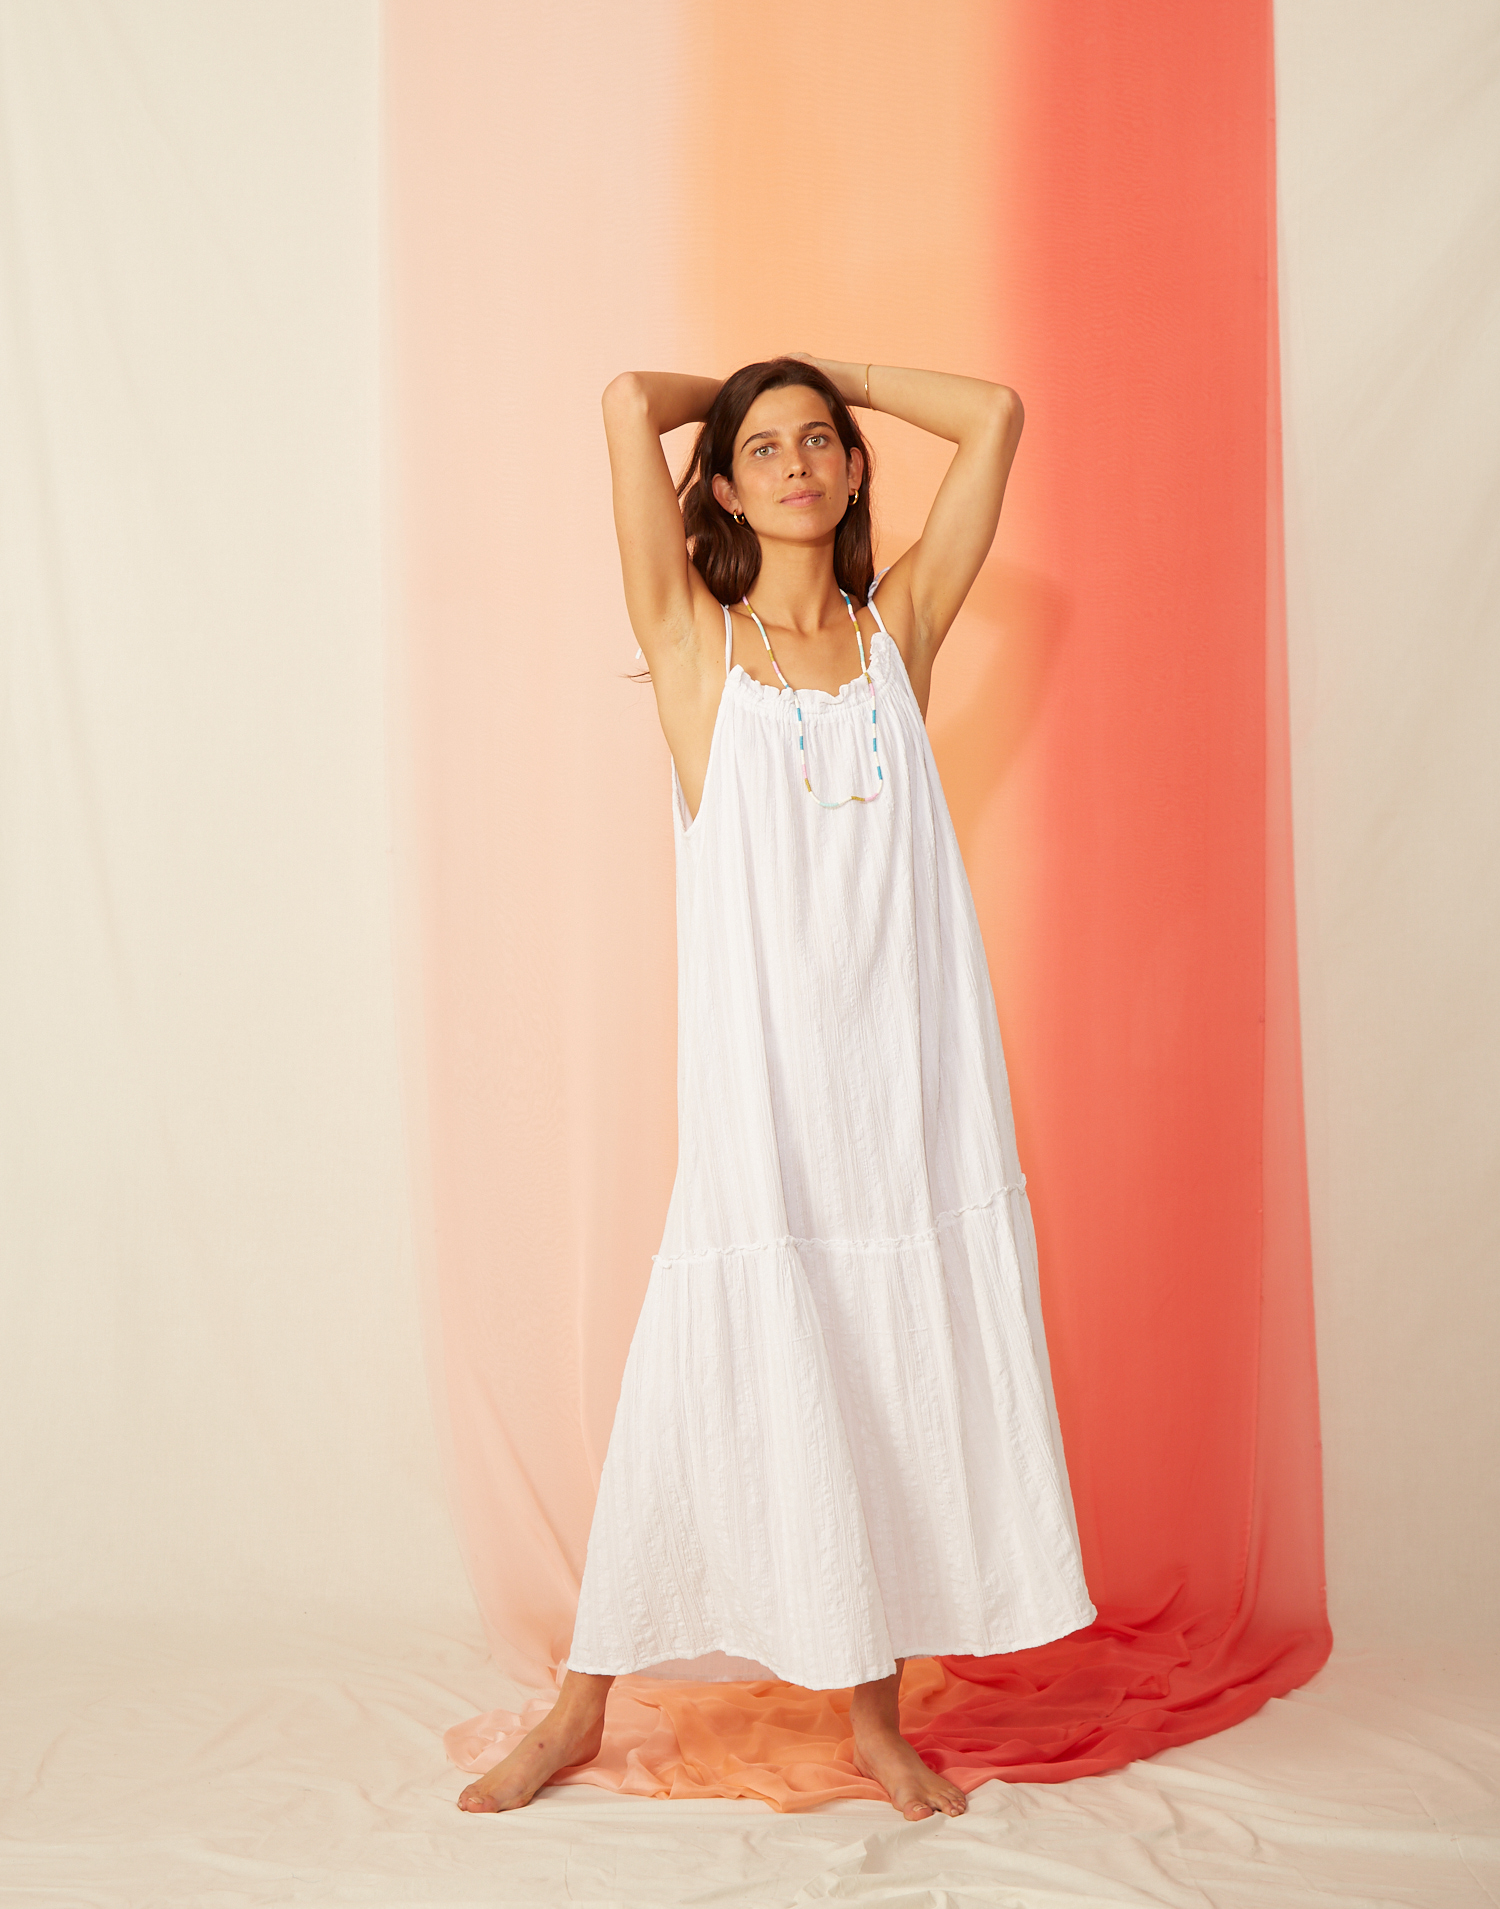 Tie-shoulder white dress